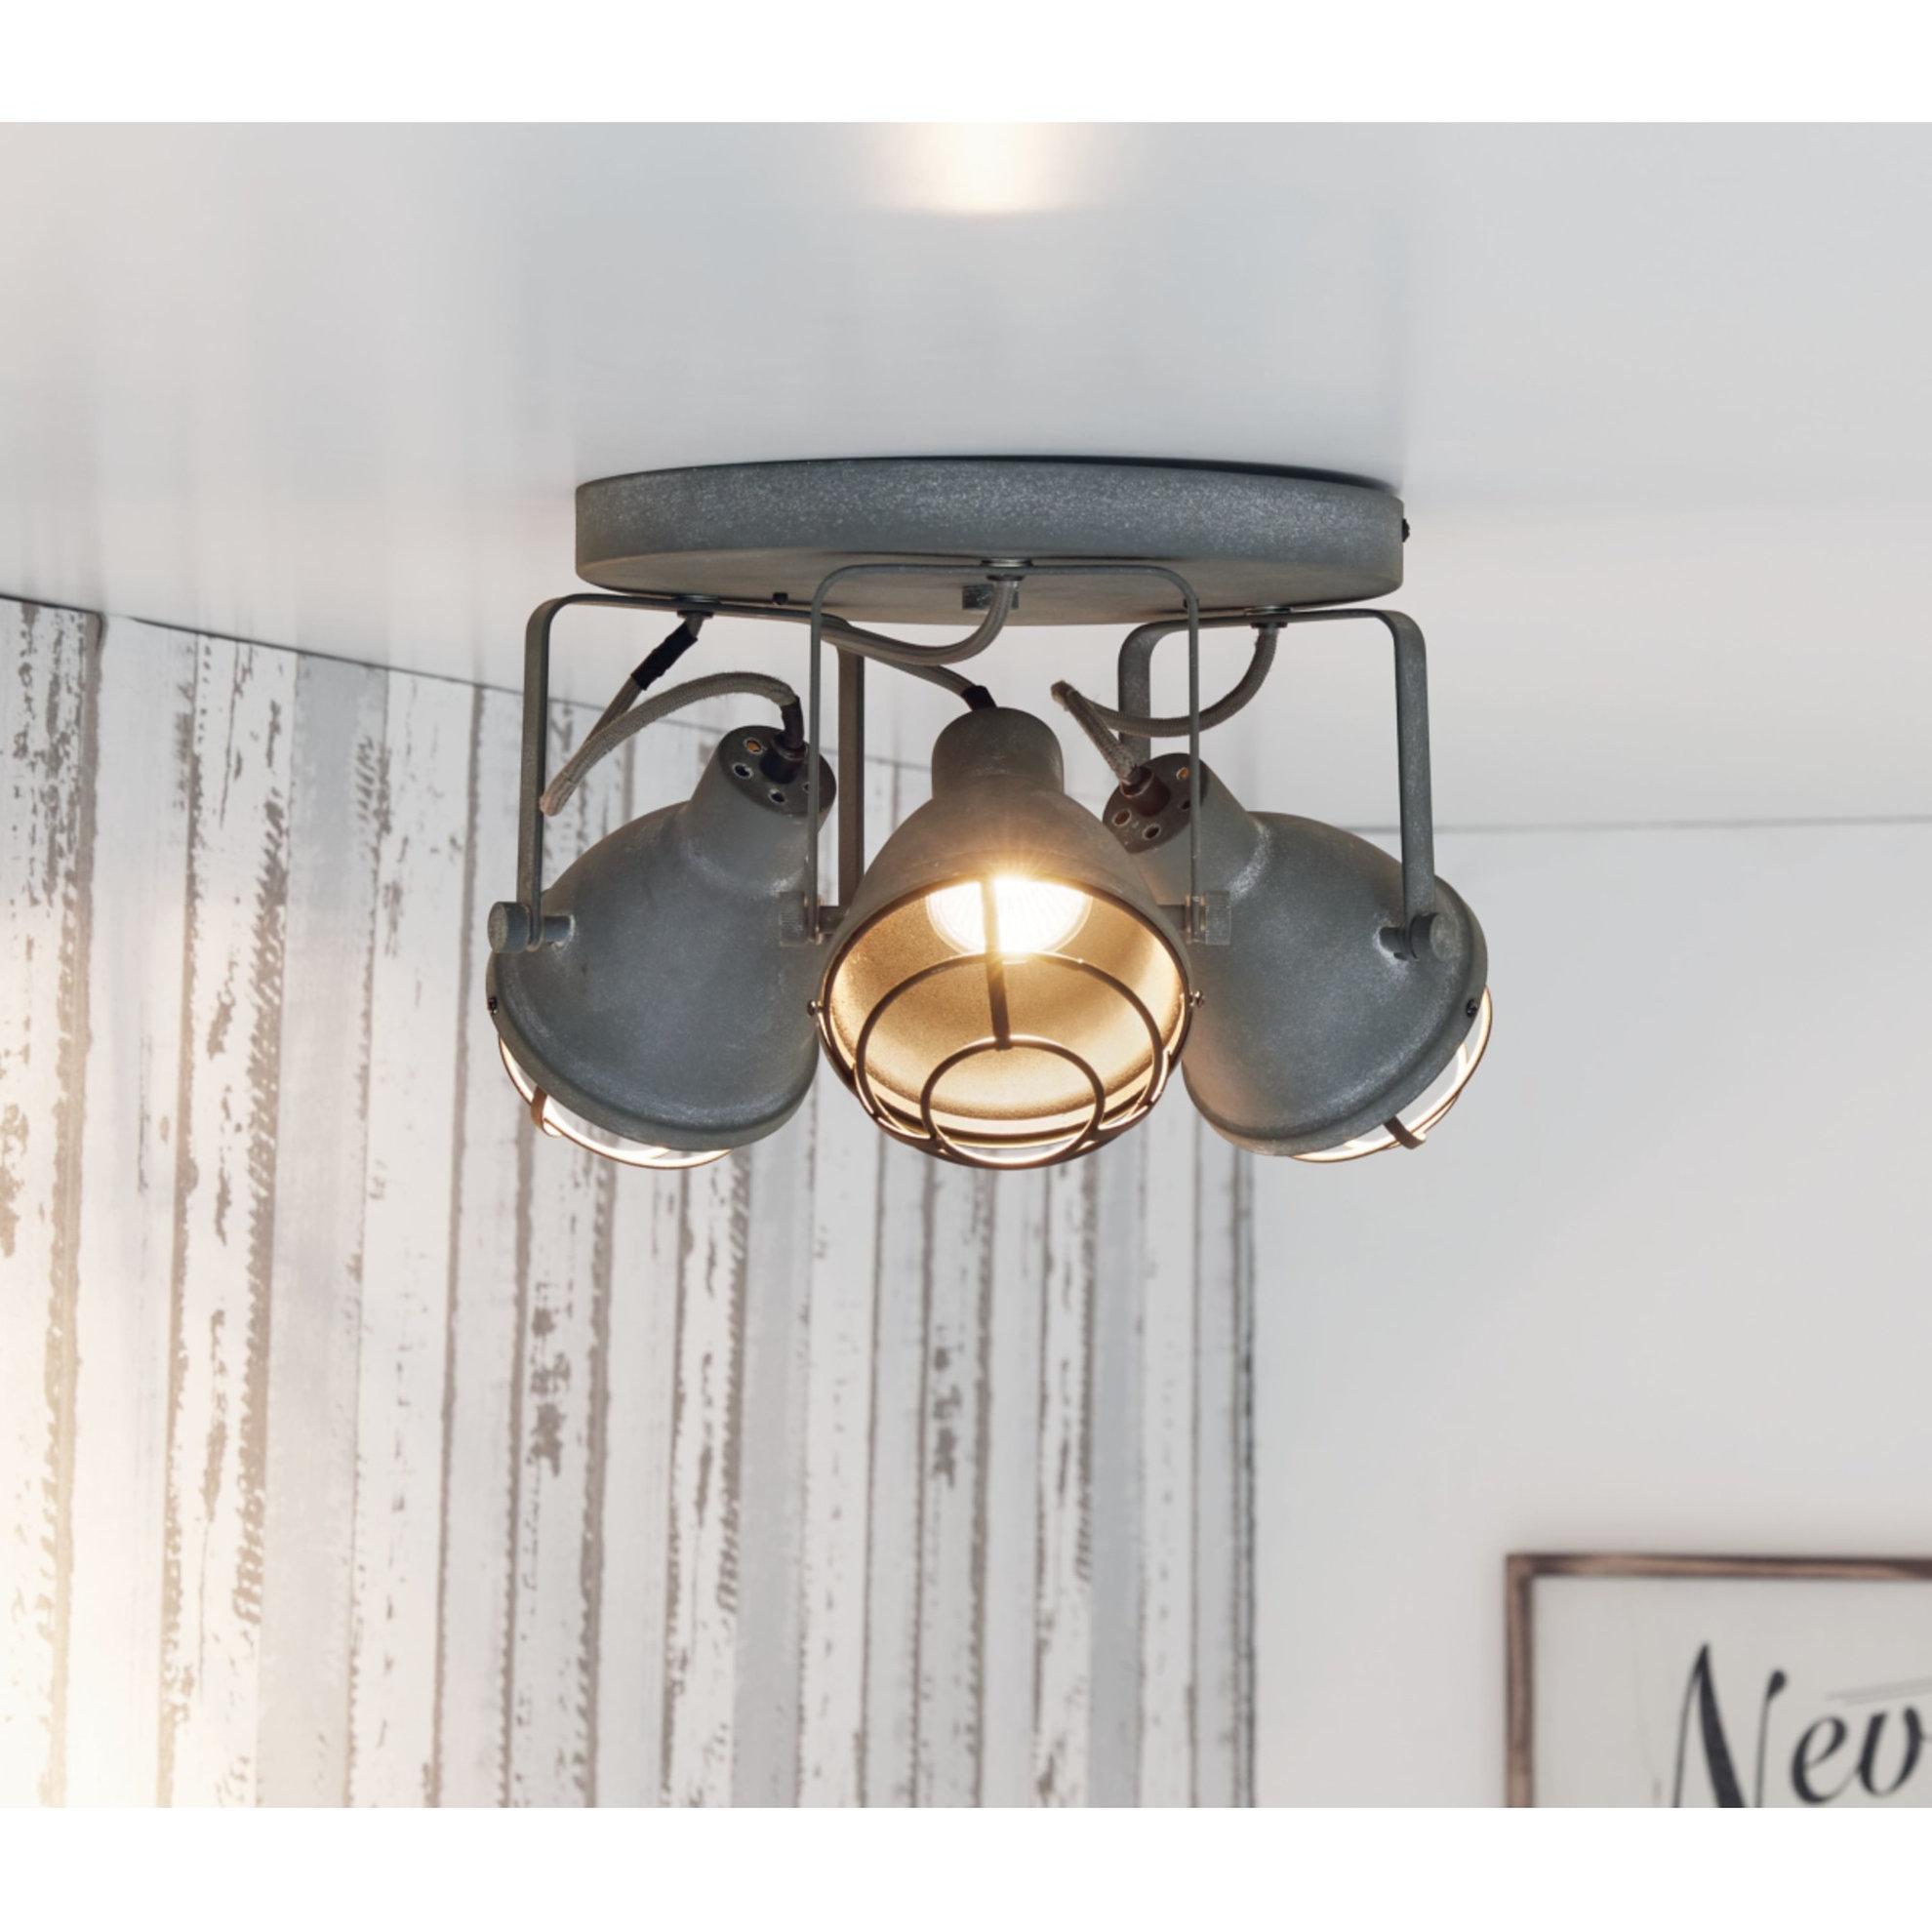 Full Size of Deckenlampe Industrial Miavilla Deckenleuchte 3 Grau Metallic Weltbildde Esstisch Deckenlampen Für Wohnzimmer Modern Schlafzimmer Küche Bad Wohnzimmer Deckenlampe Industrial